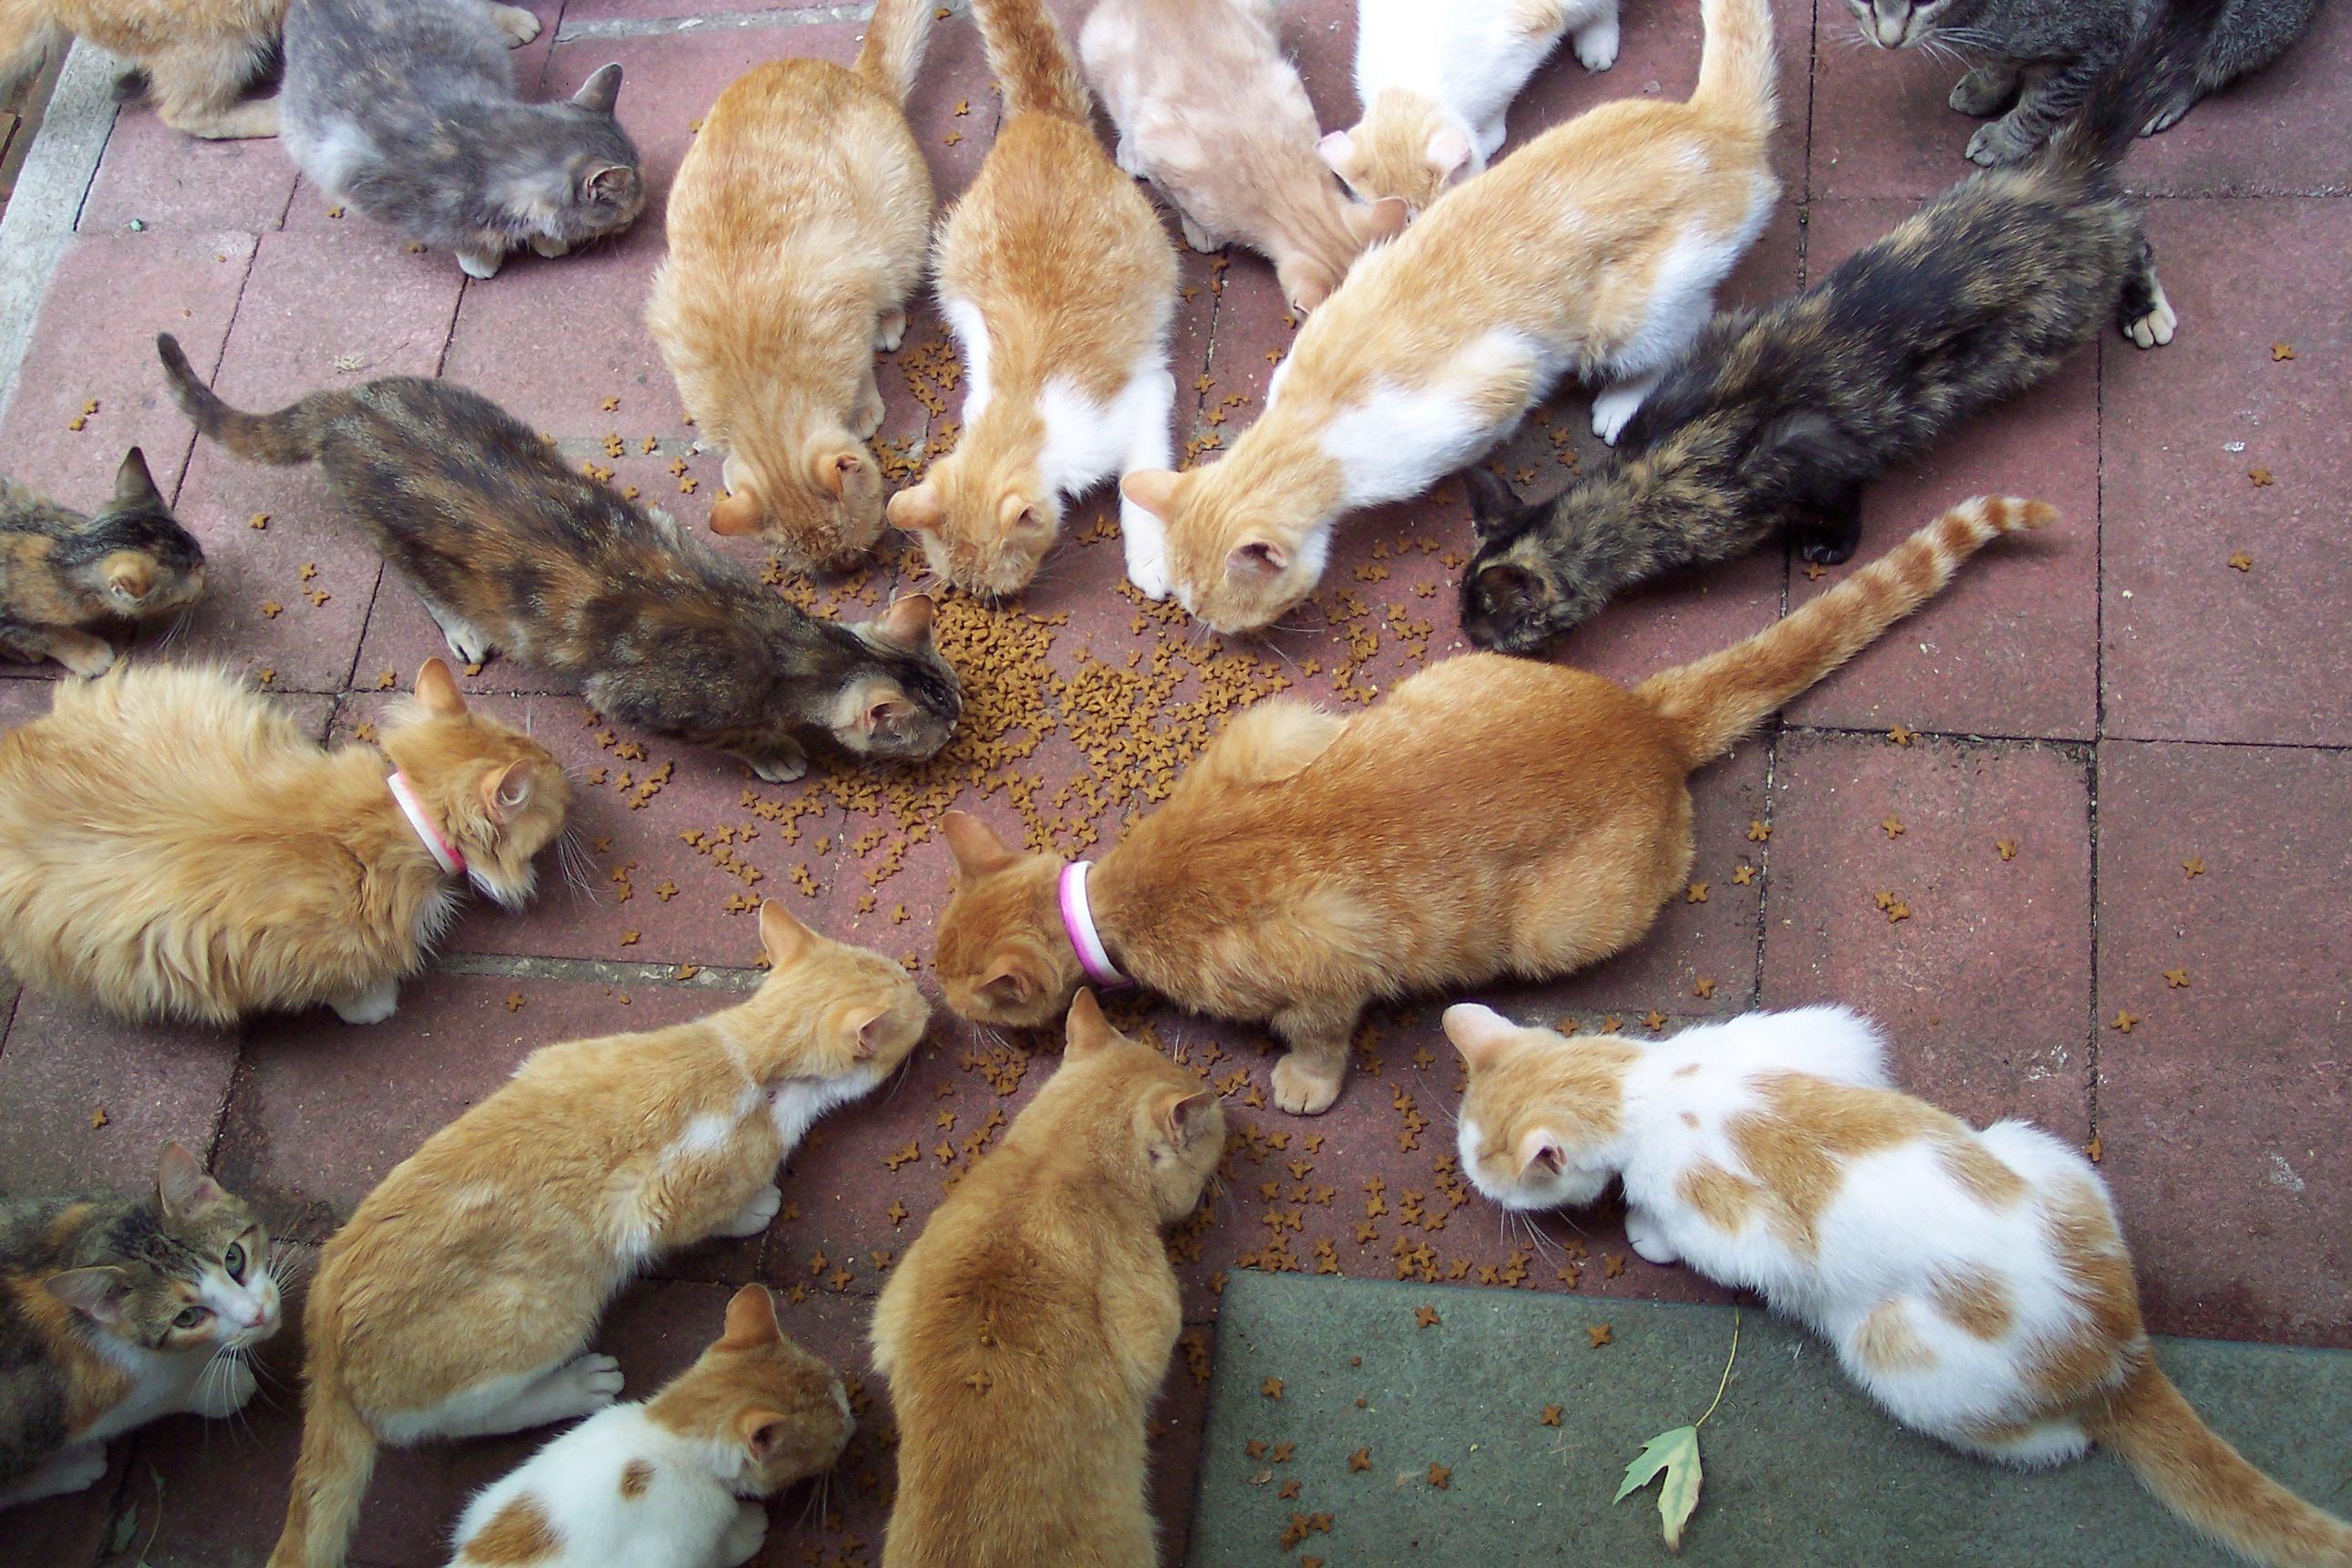 ВКиеве брошен клич: ищут волонтеров, чтобы гладить котов